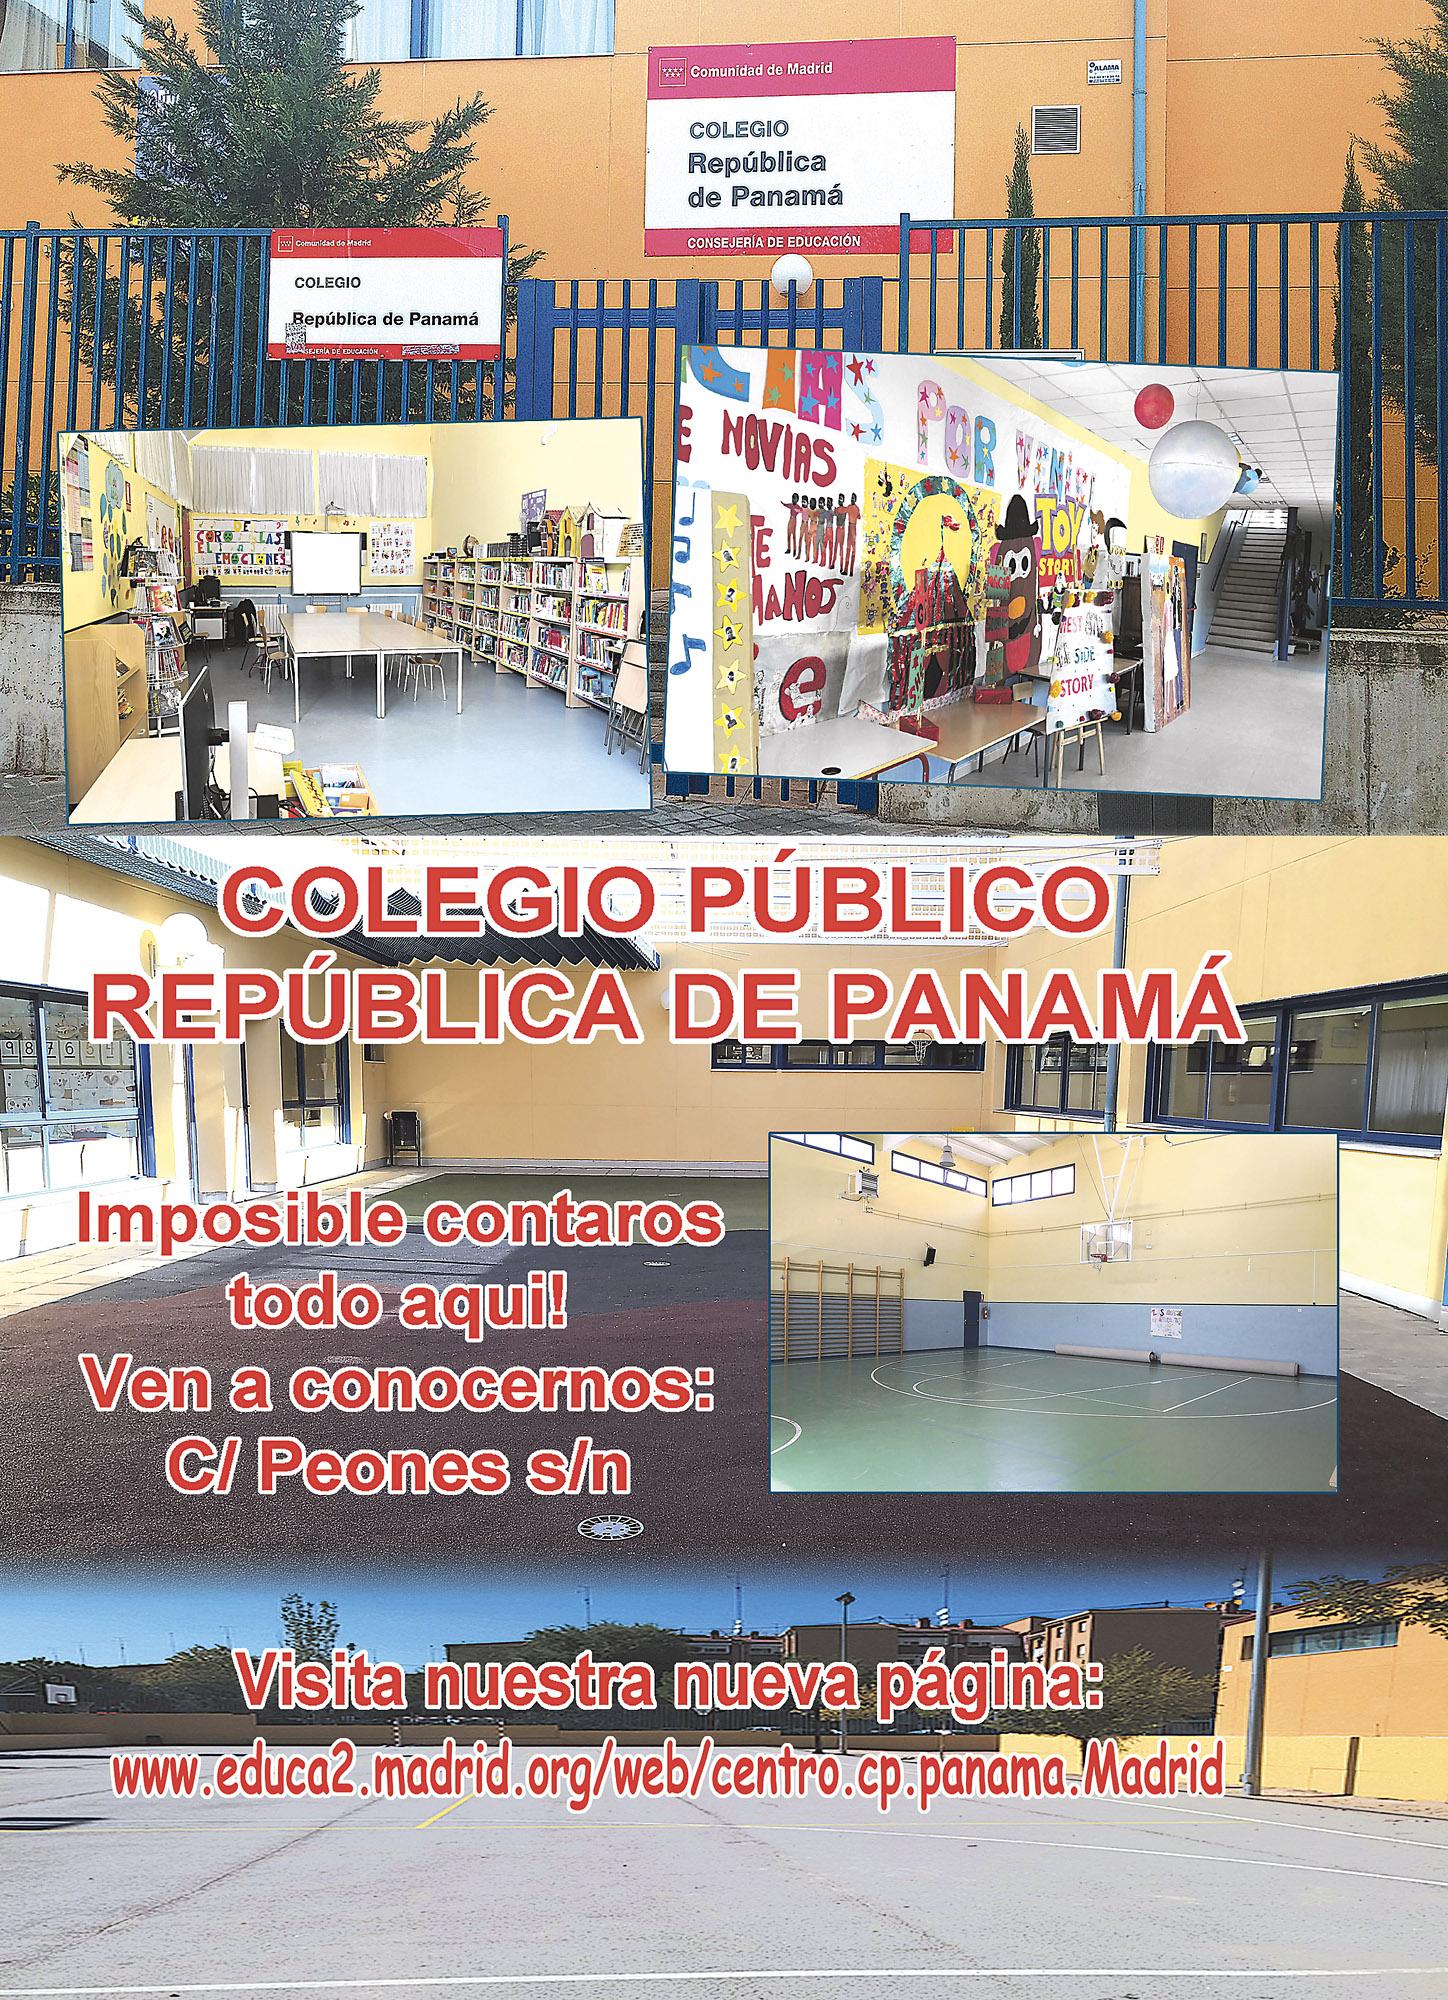 Colegio Público República de Panamá